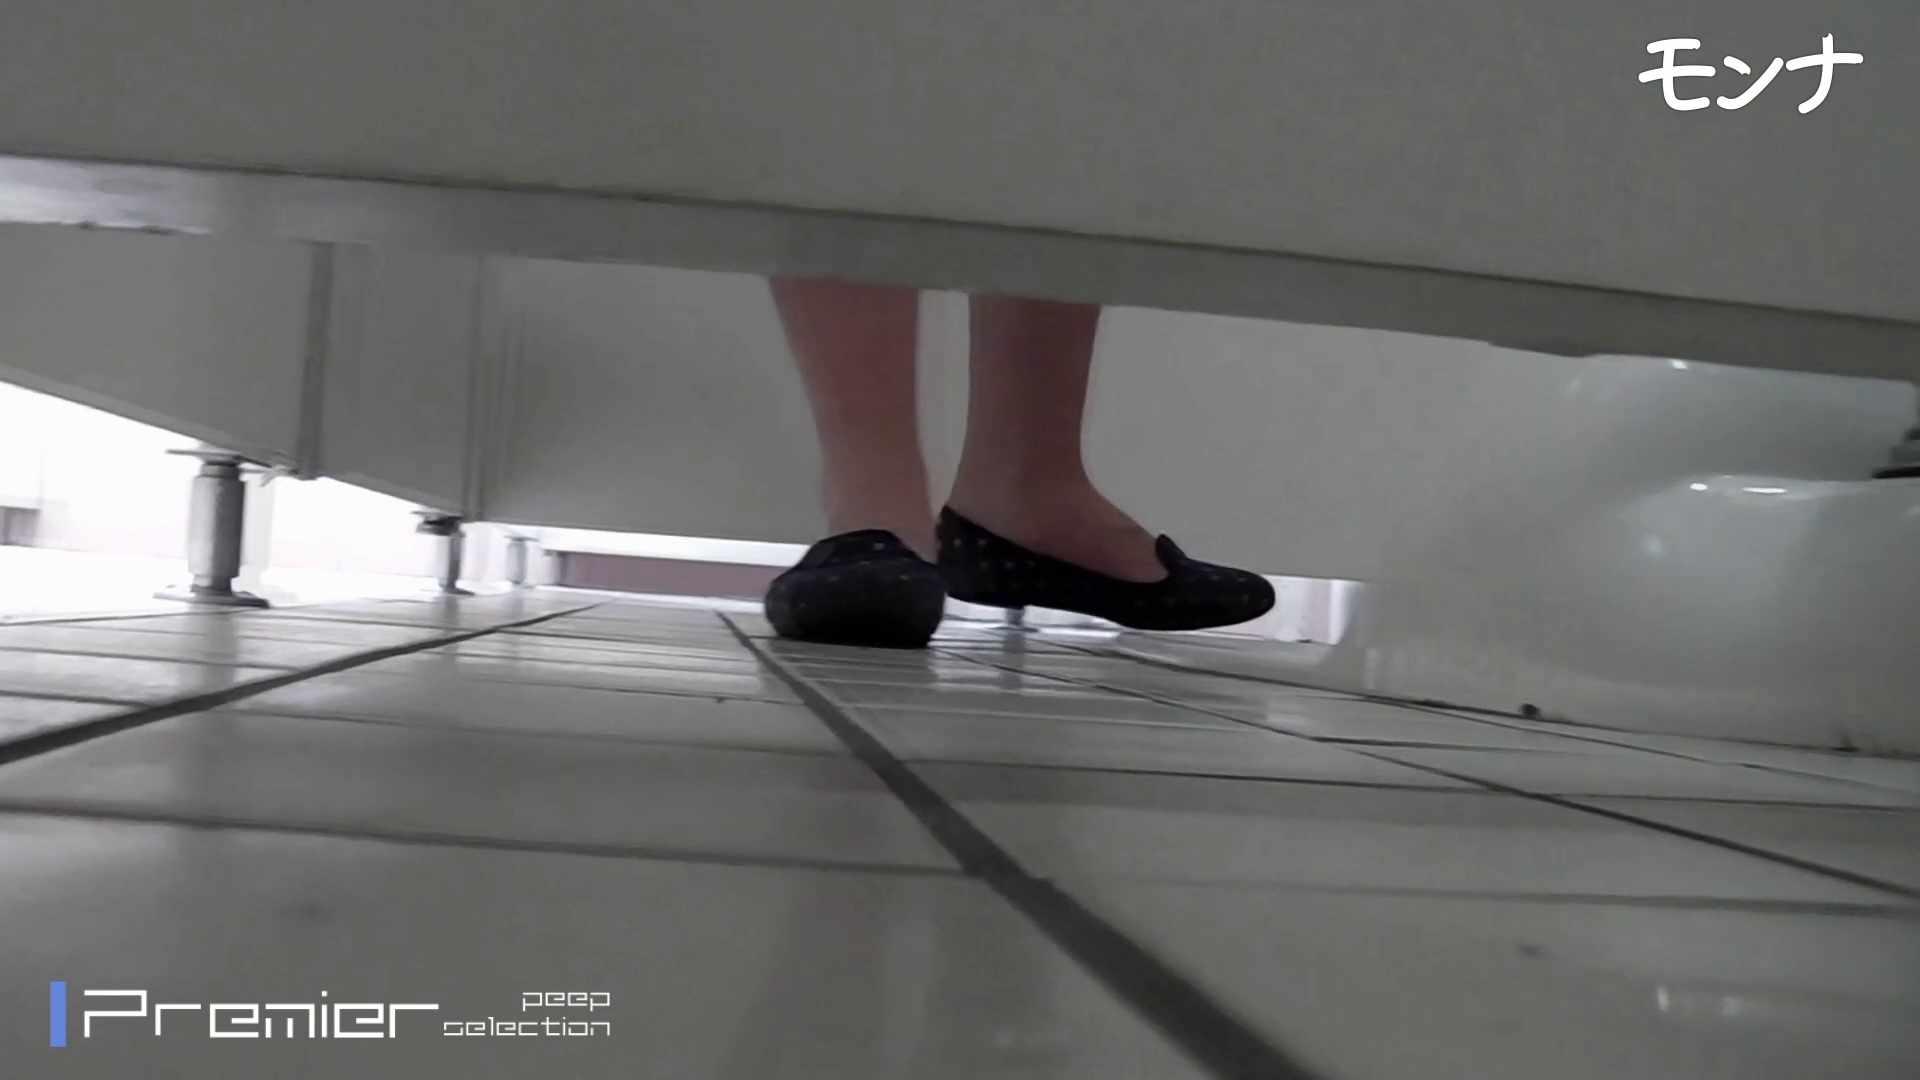 CM 悶絶シリーズ5 【美しい日本の未来 No.128】 ギャル盗撮映像 のぞき動画画像 100PIX 38